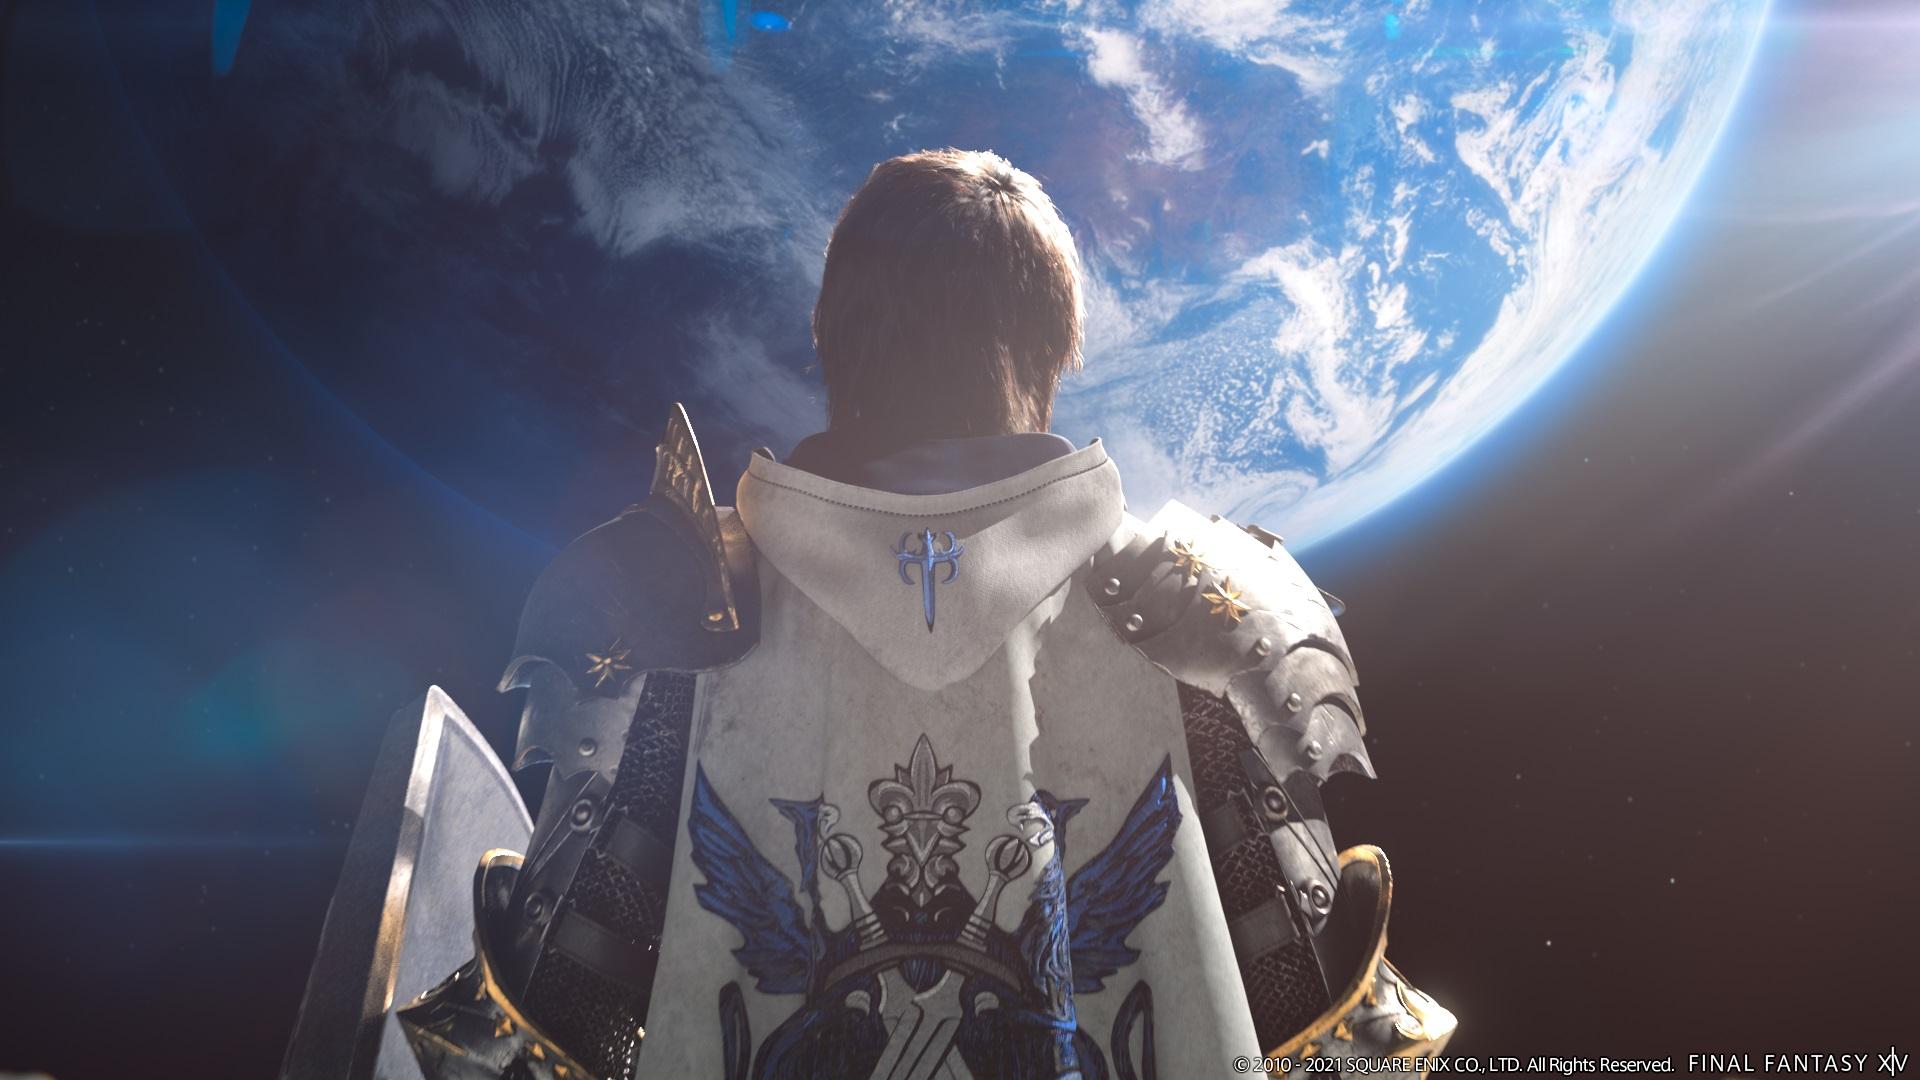 吉田直树透露Xbox版《最终幻想14》还需多等一段时间